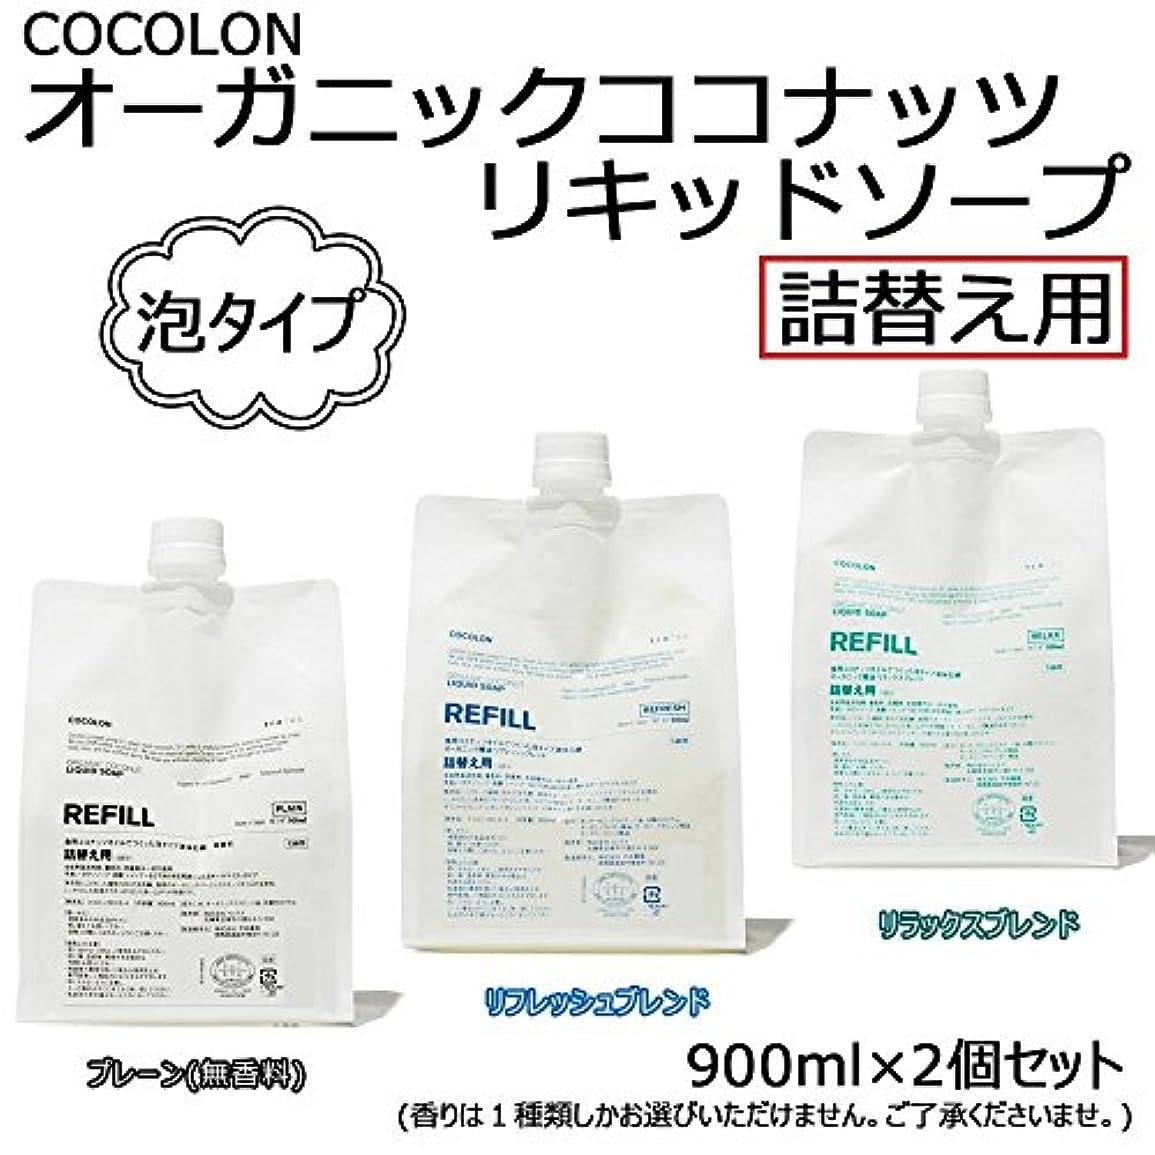 化学スペース検索COCOLON ココロン オーガニックココナッツリキッドソープ 泡タイプ 詰替え用 900ml 2個セット【同梱?代引不可】 ■3種類の内「リラックスブレンド」のみです